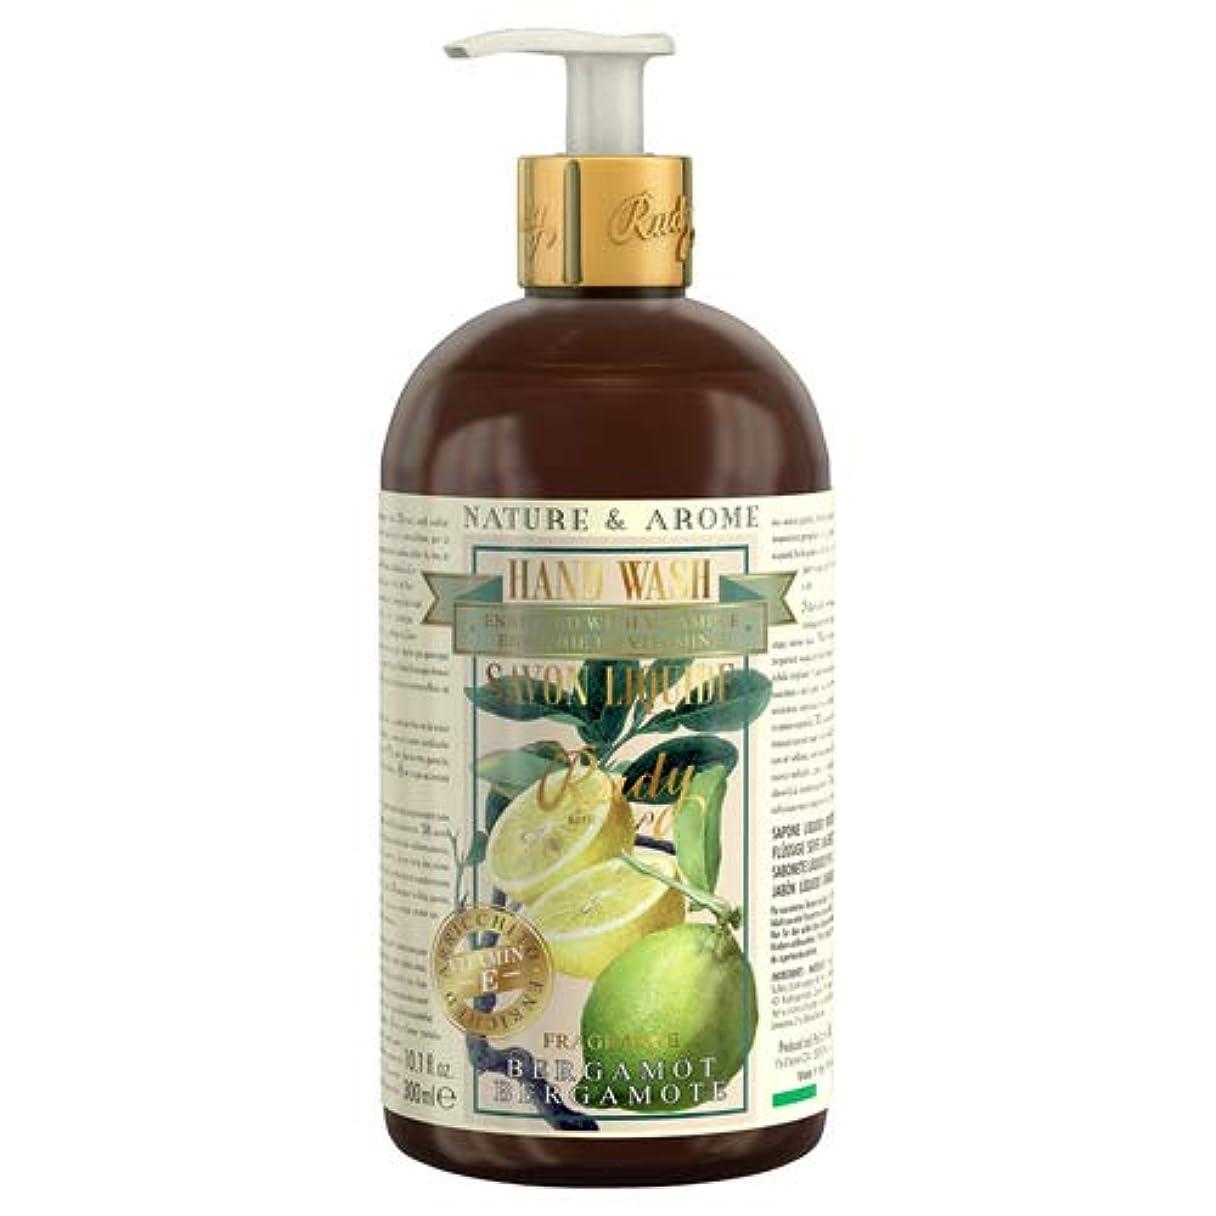 アクセスできない価値断言するRUDY Nature&Arome Apothecary ネイチャーアロマ アポセカリー Hand Wash ハンドウォッシュ(ボディソープ) Bergamot ベルガモット